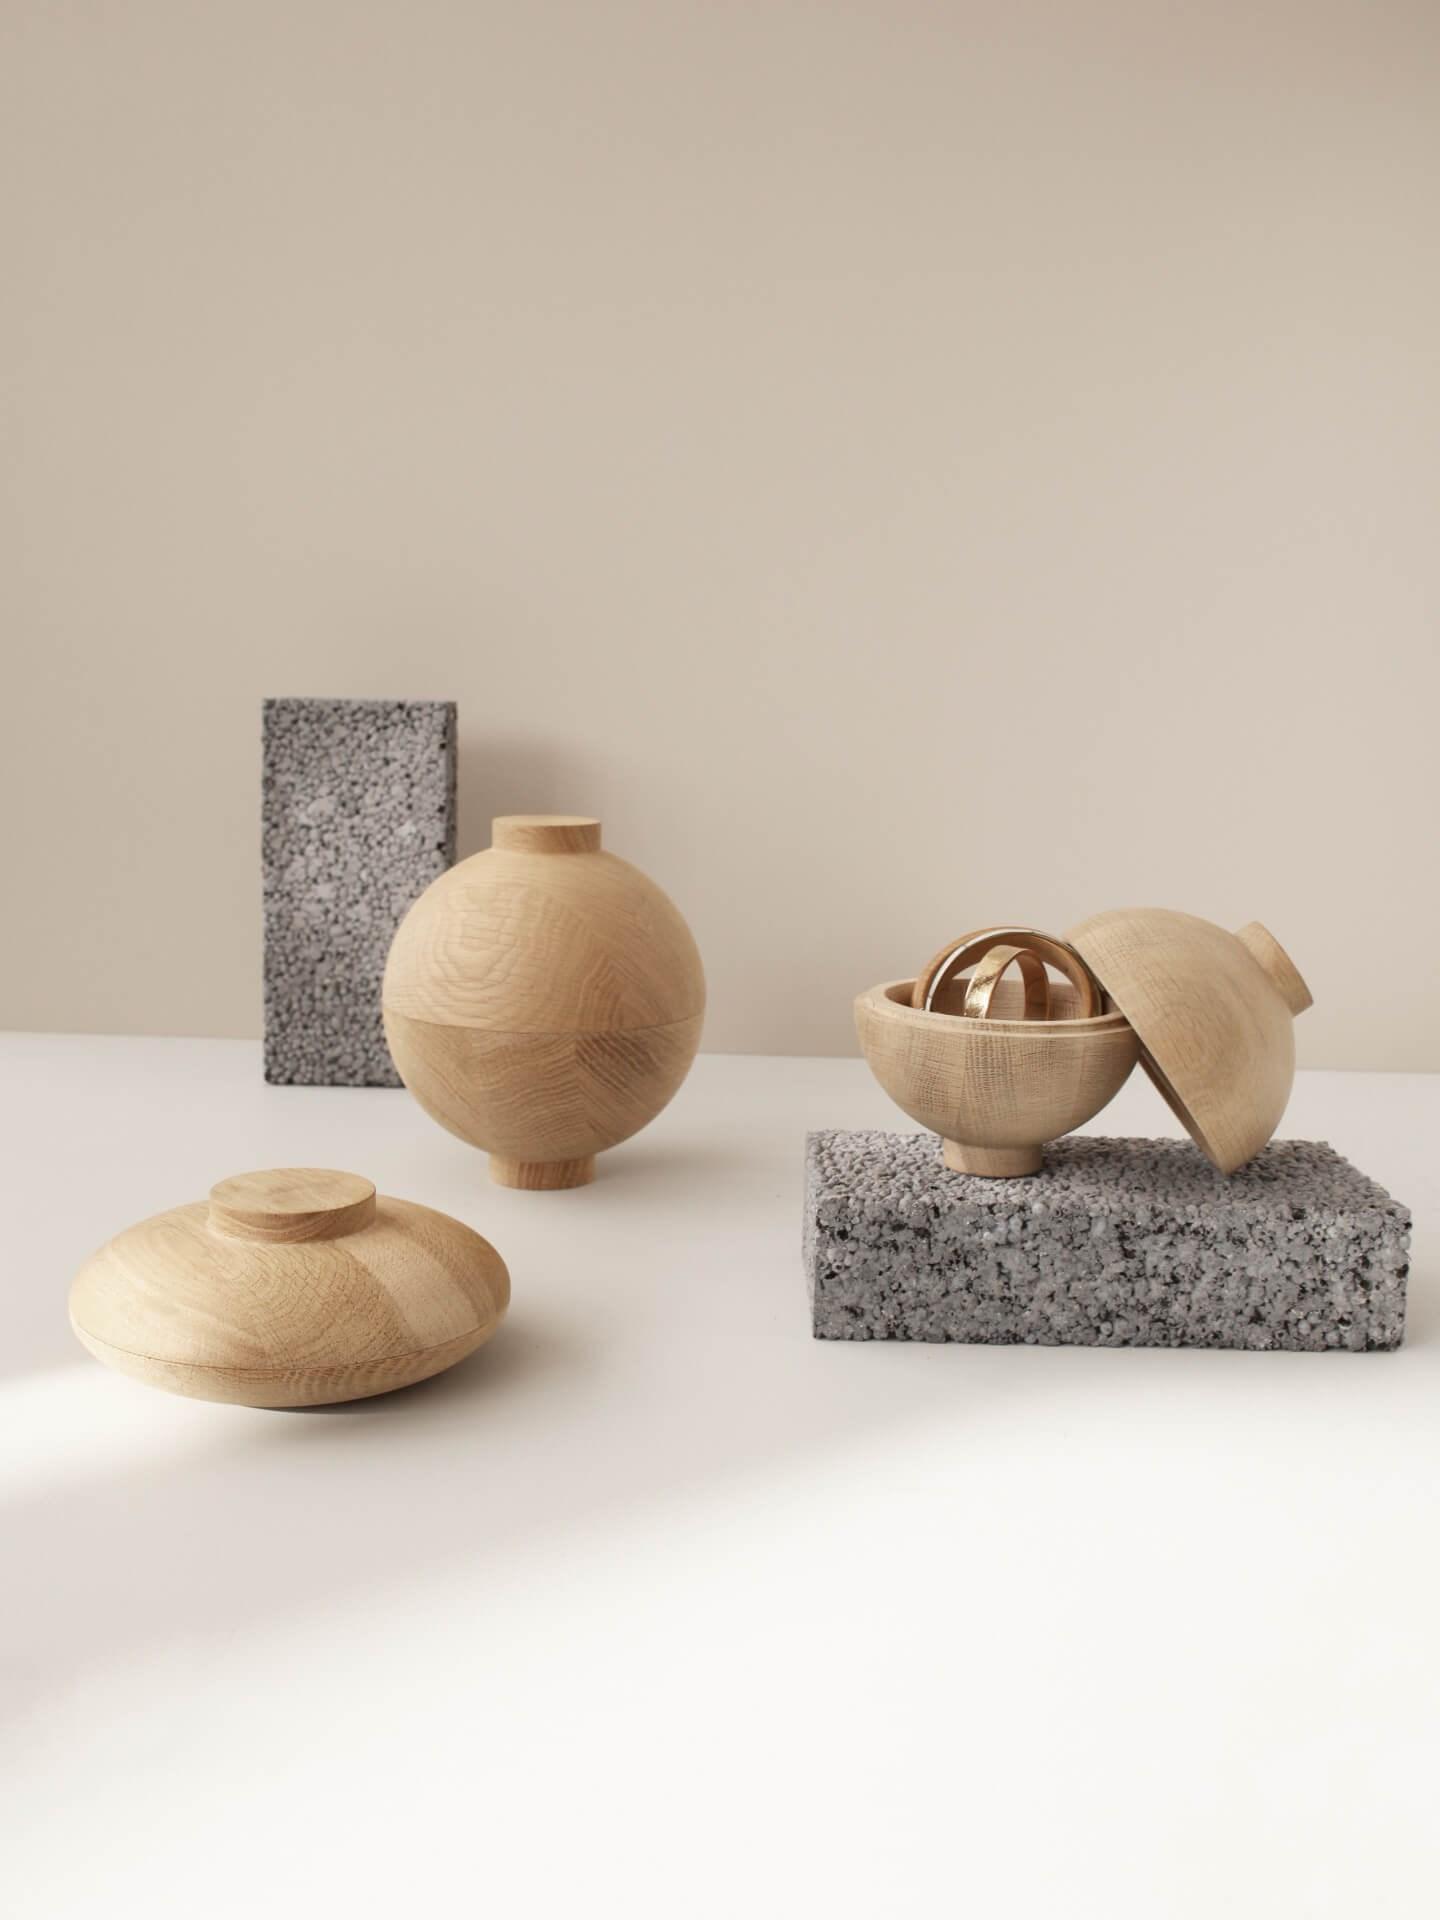 Miljøbilde Wooden Sphere og Wooden Galaxy fra Kristina Dam. Oppbevaringsboks i tre. Samling med beige bakgrunn.